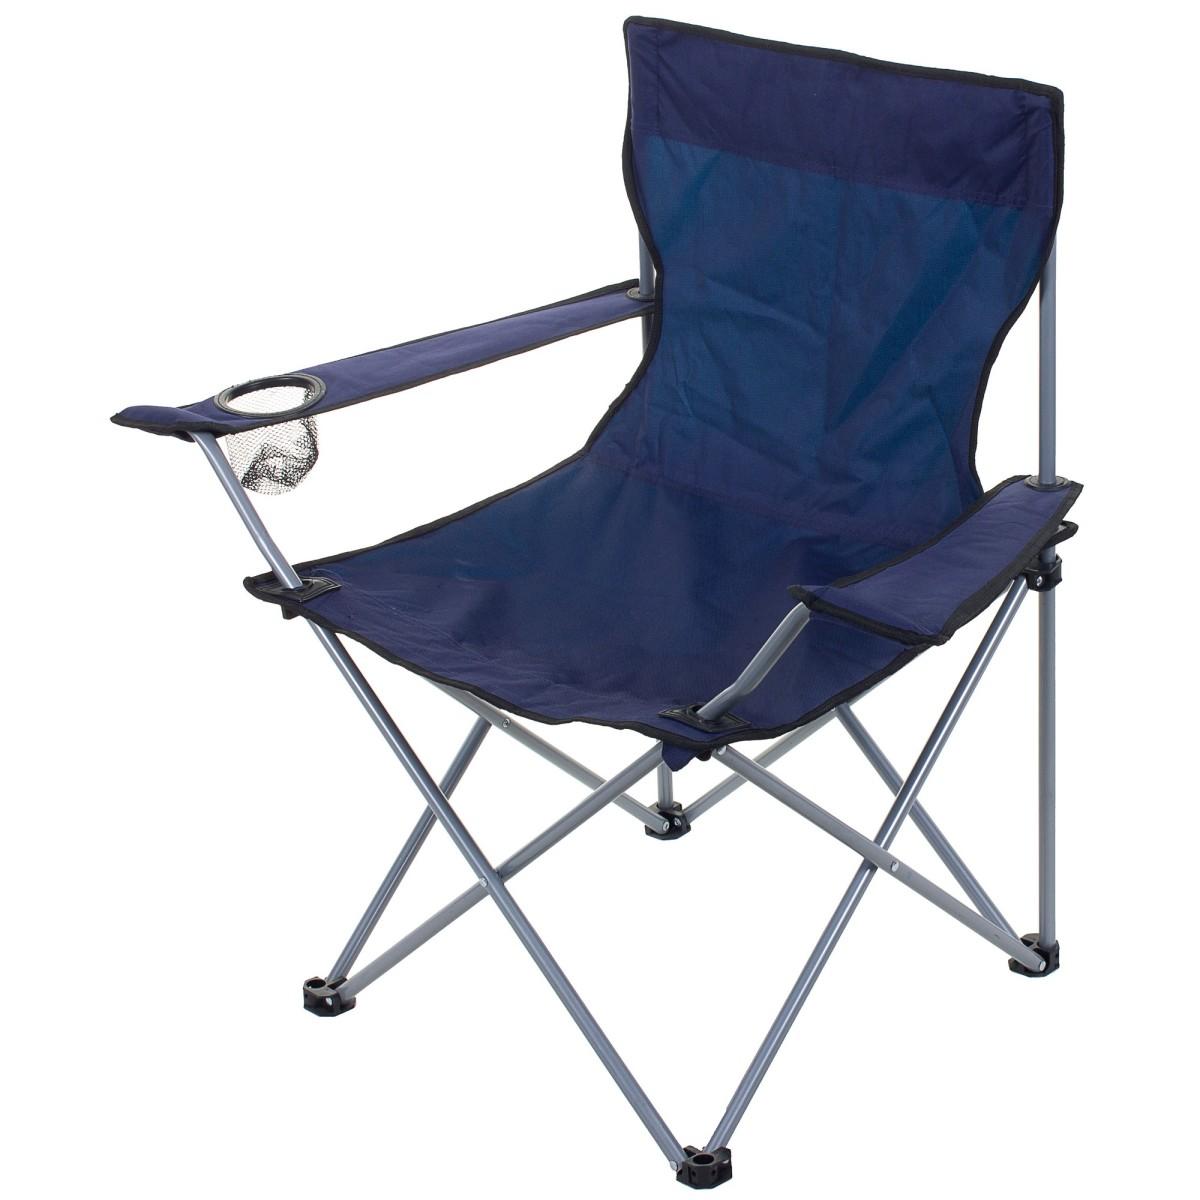 Кресло садовое 845x810x530 мм с подстаканником складное цвет синий